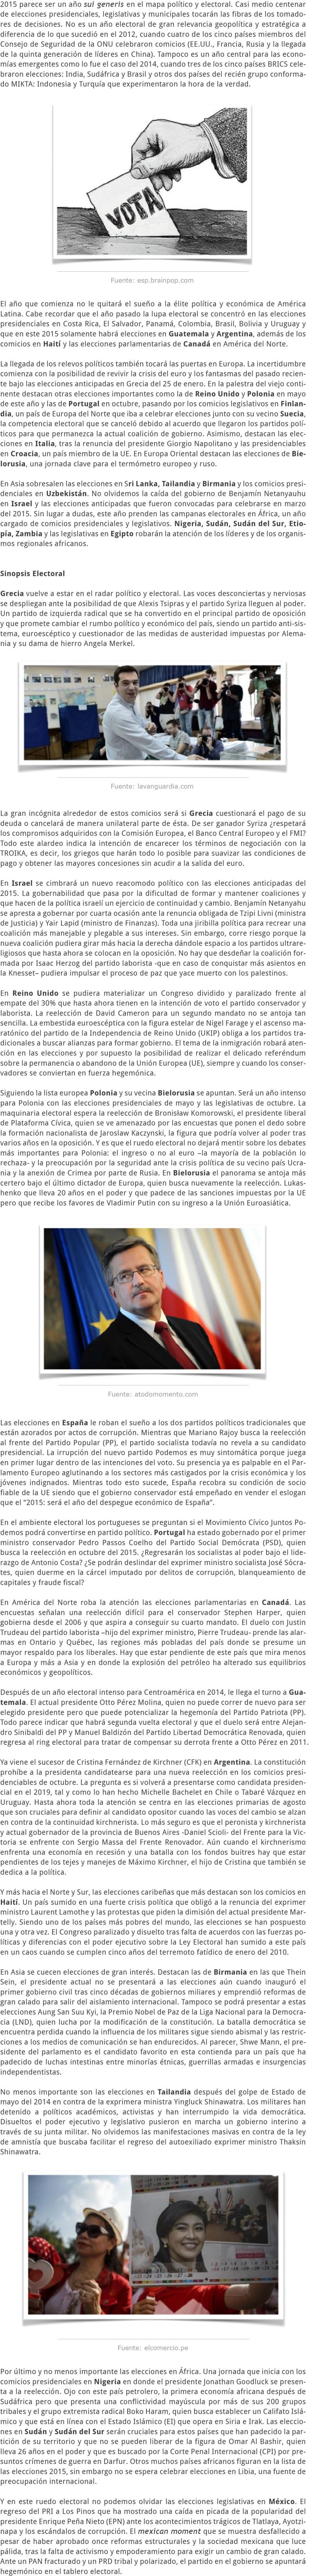 2015 LA MAQUINARIA ELECTORAL MUNDIAL